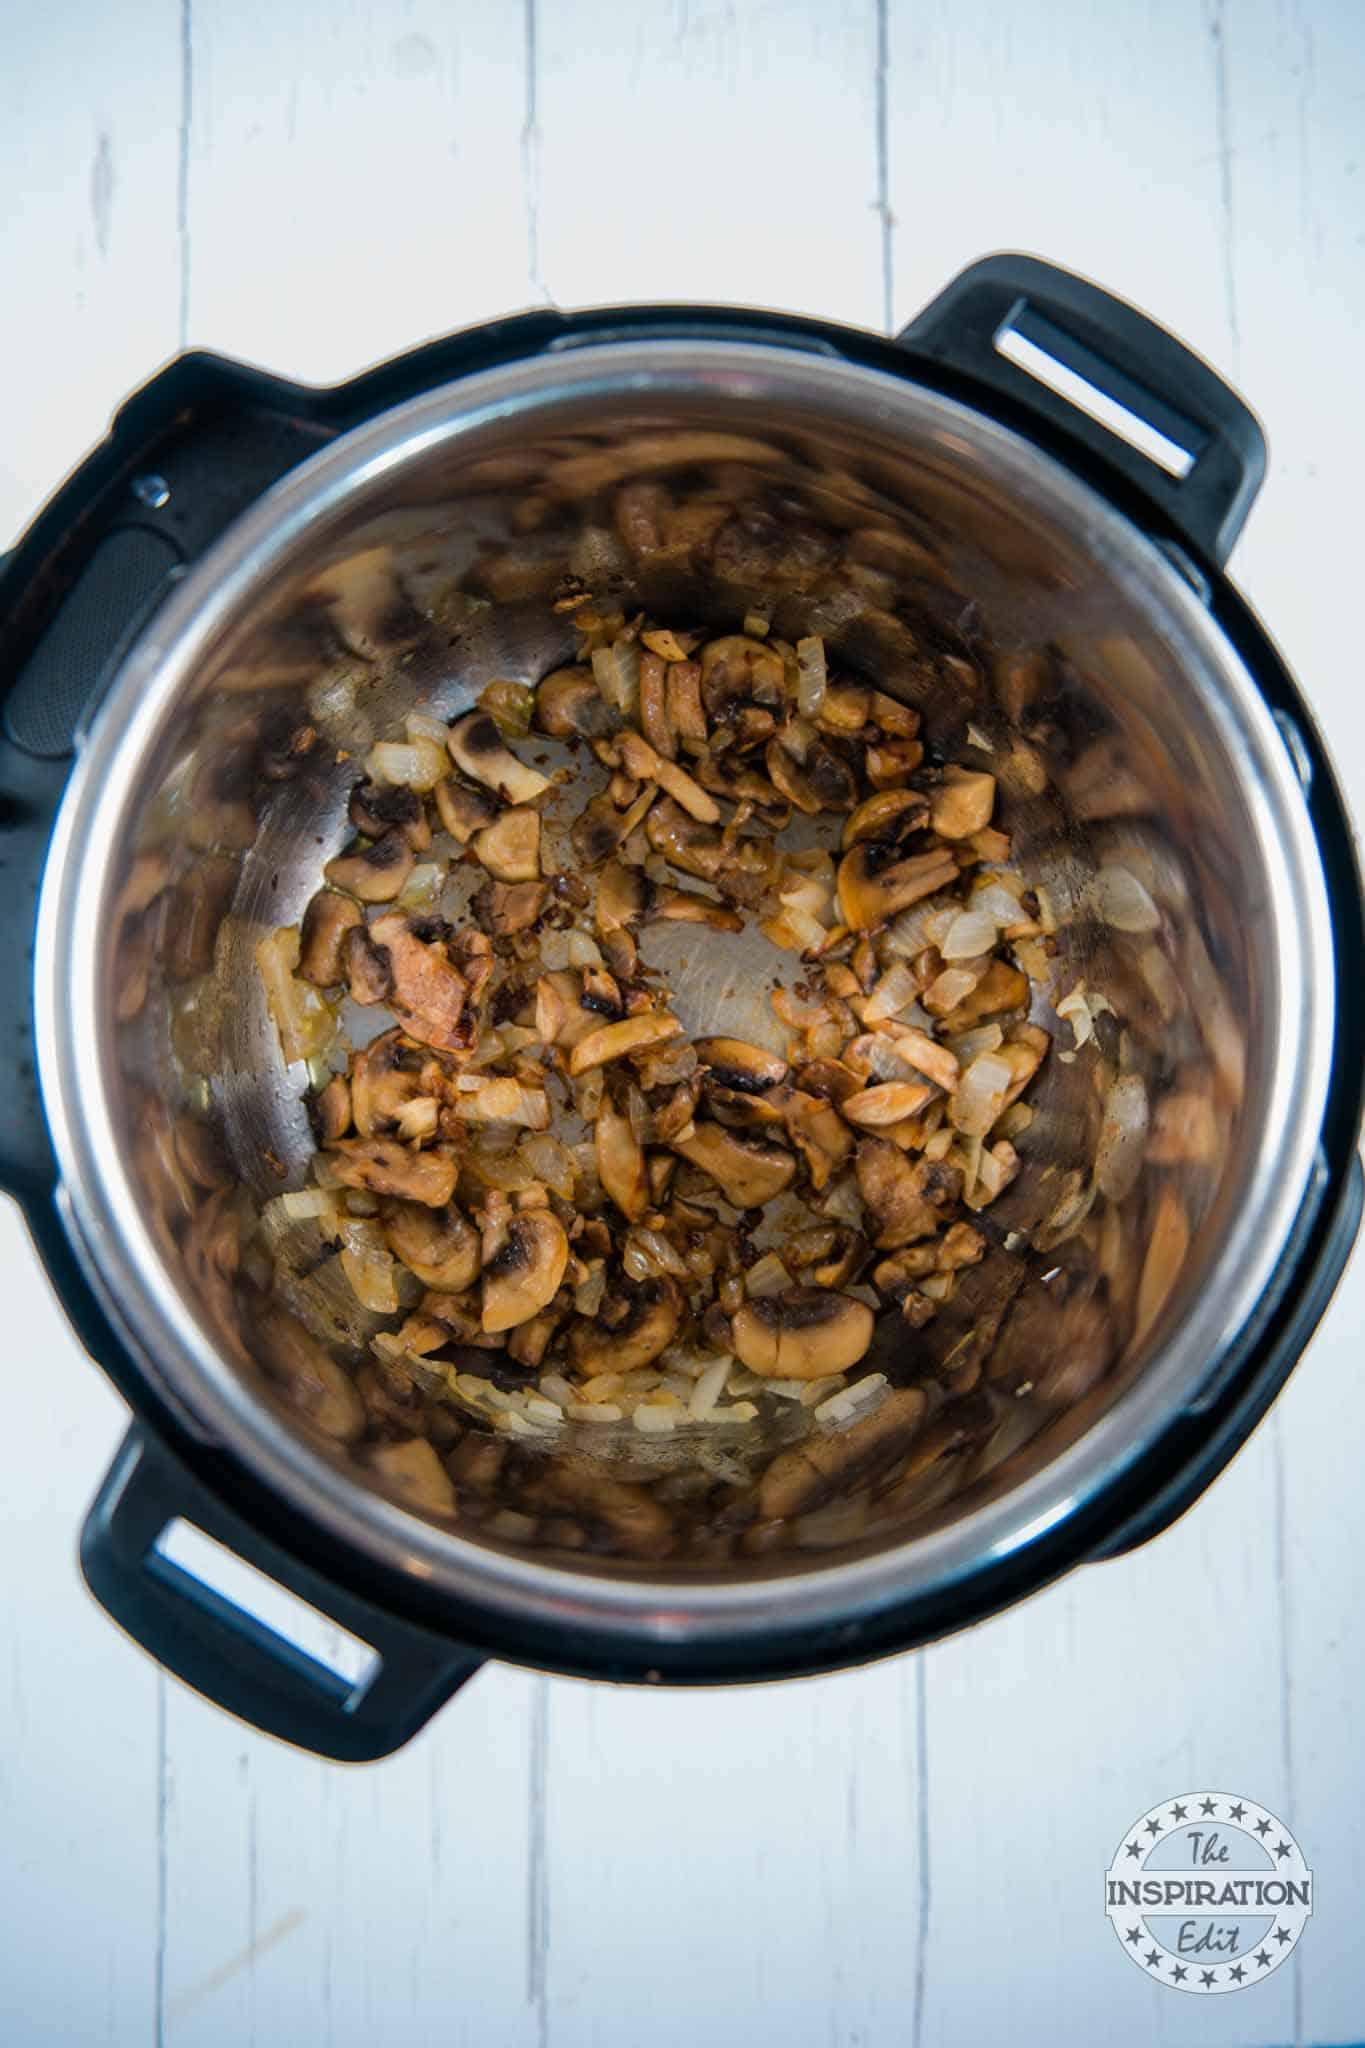 cooked mushrooms instant pot recipe